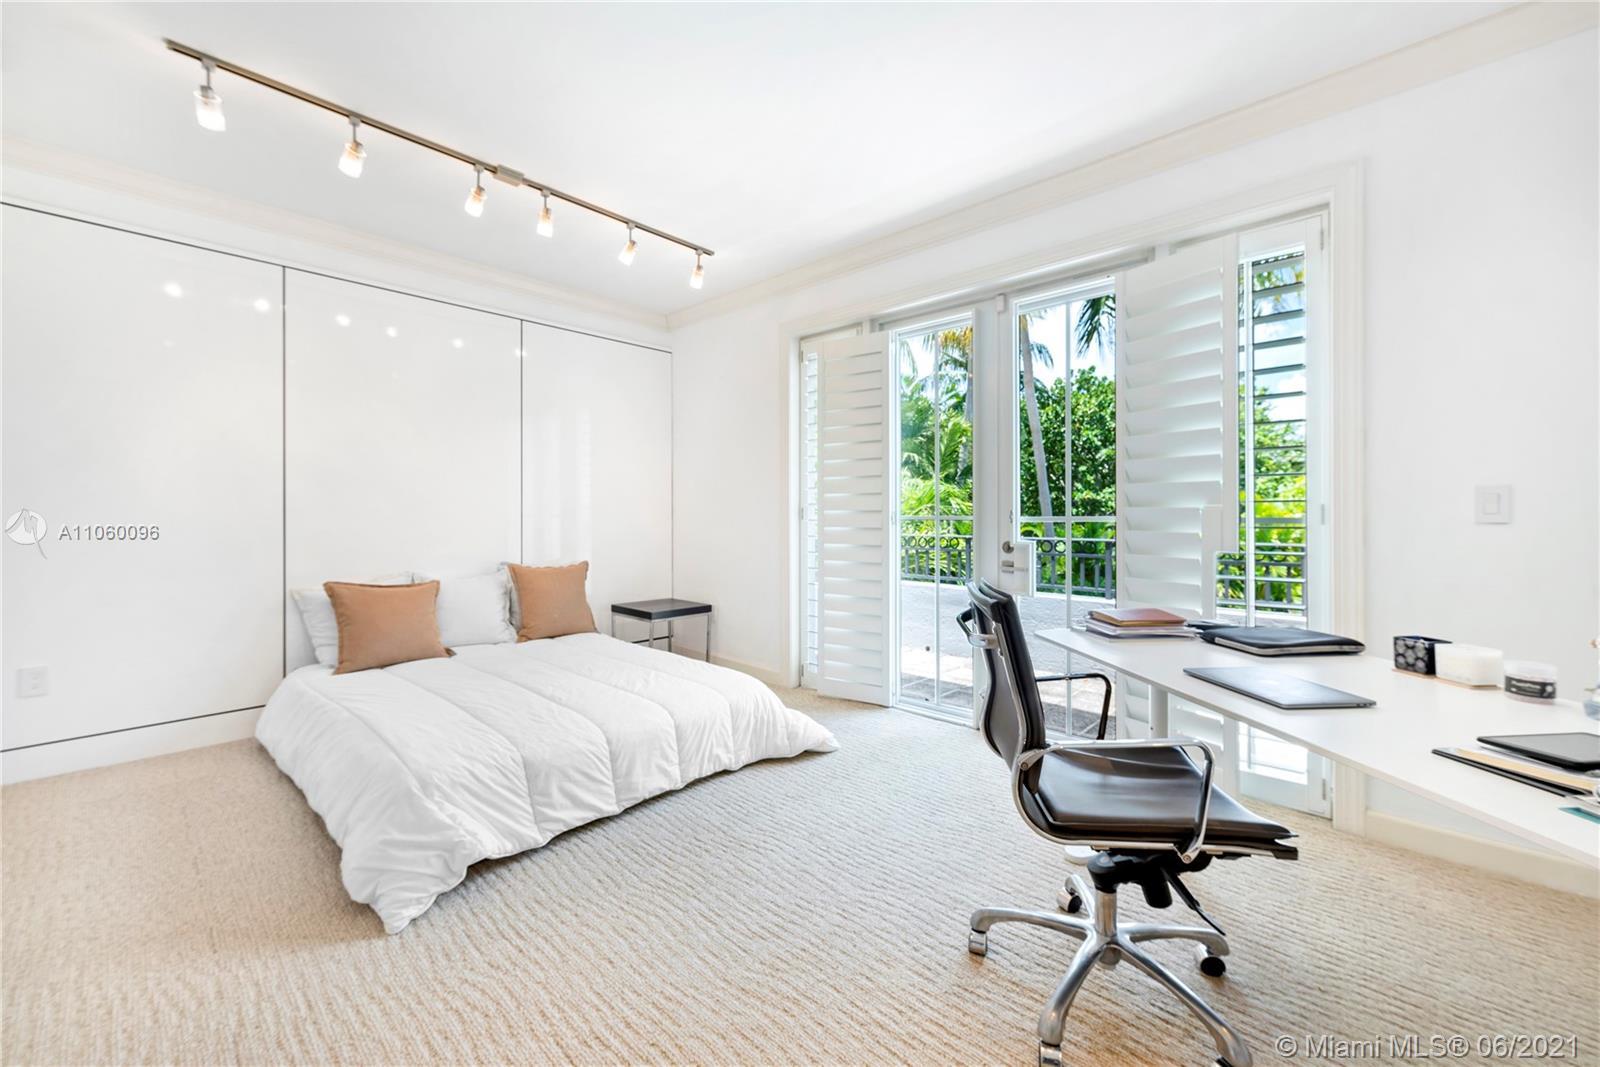 15 Grand bay estates circle- key-biscayne-fl-33149-a11060096-Pic01